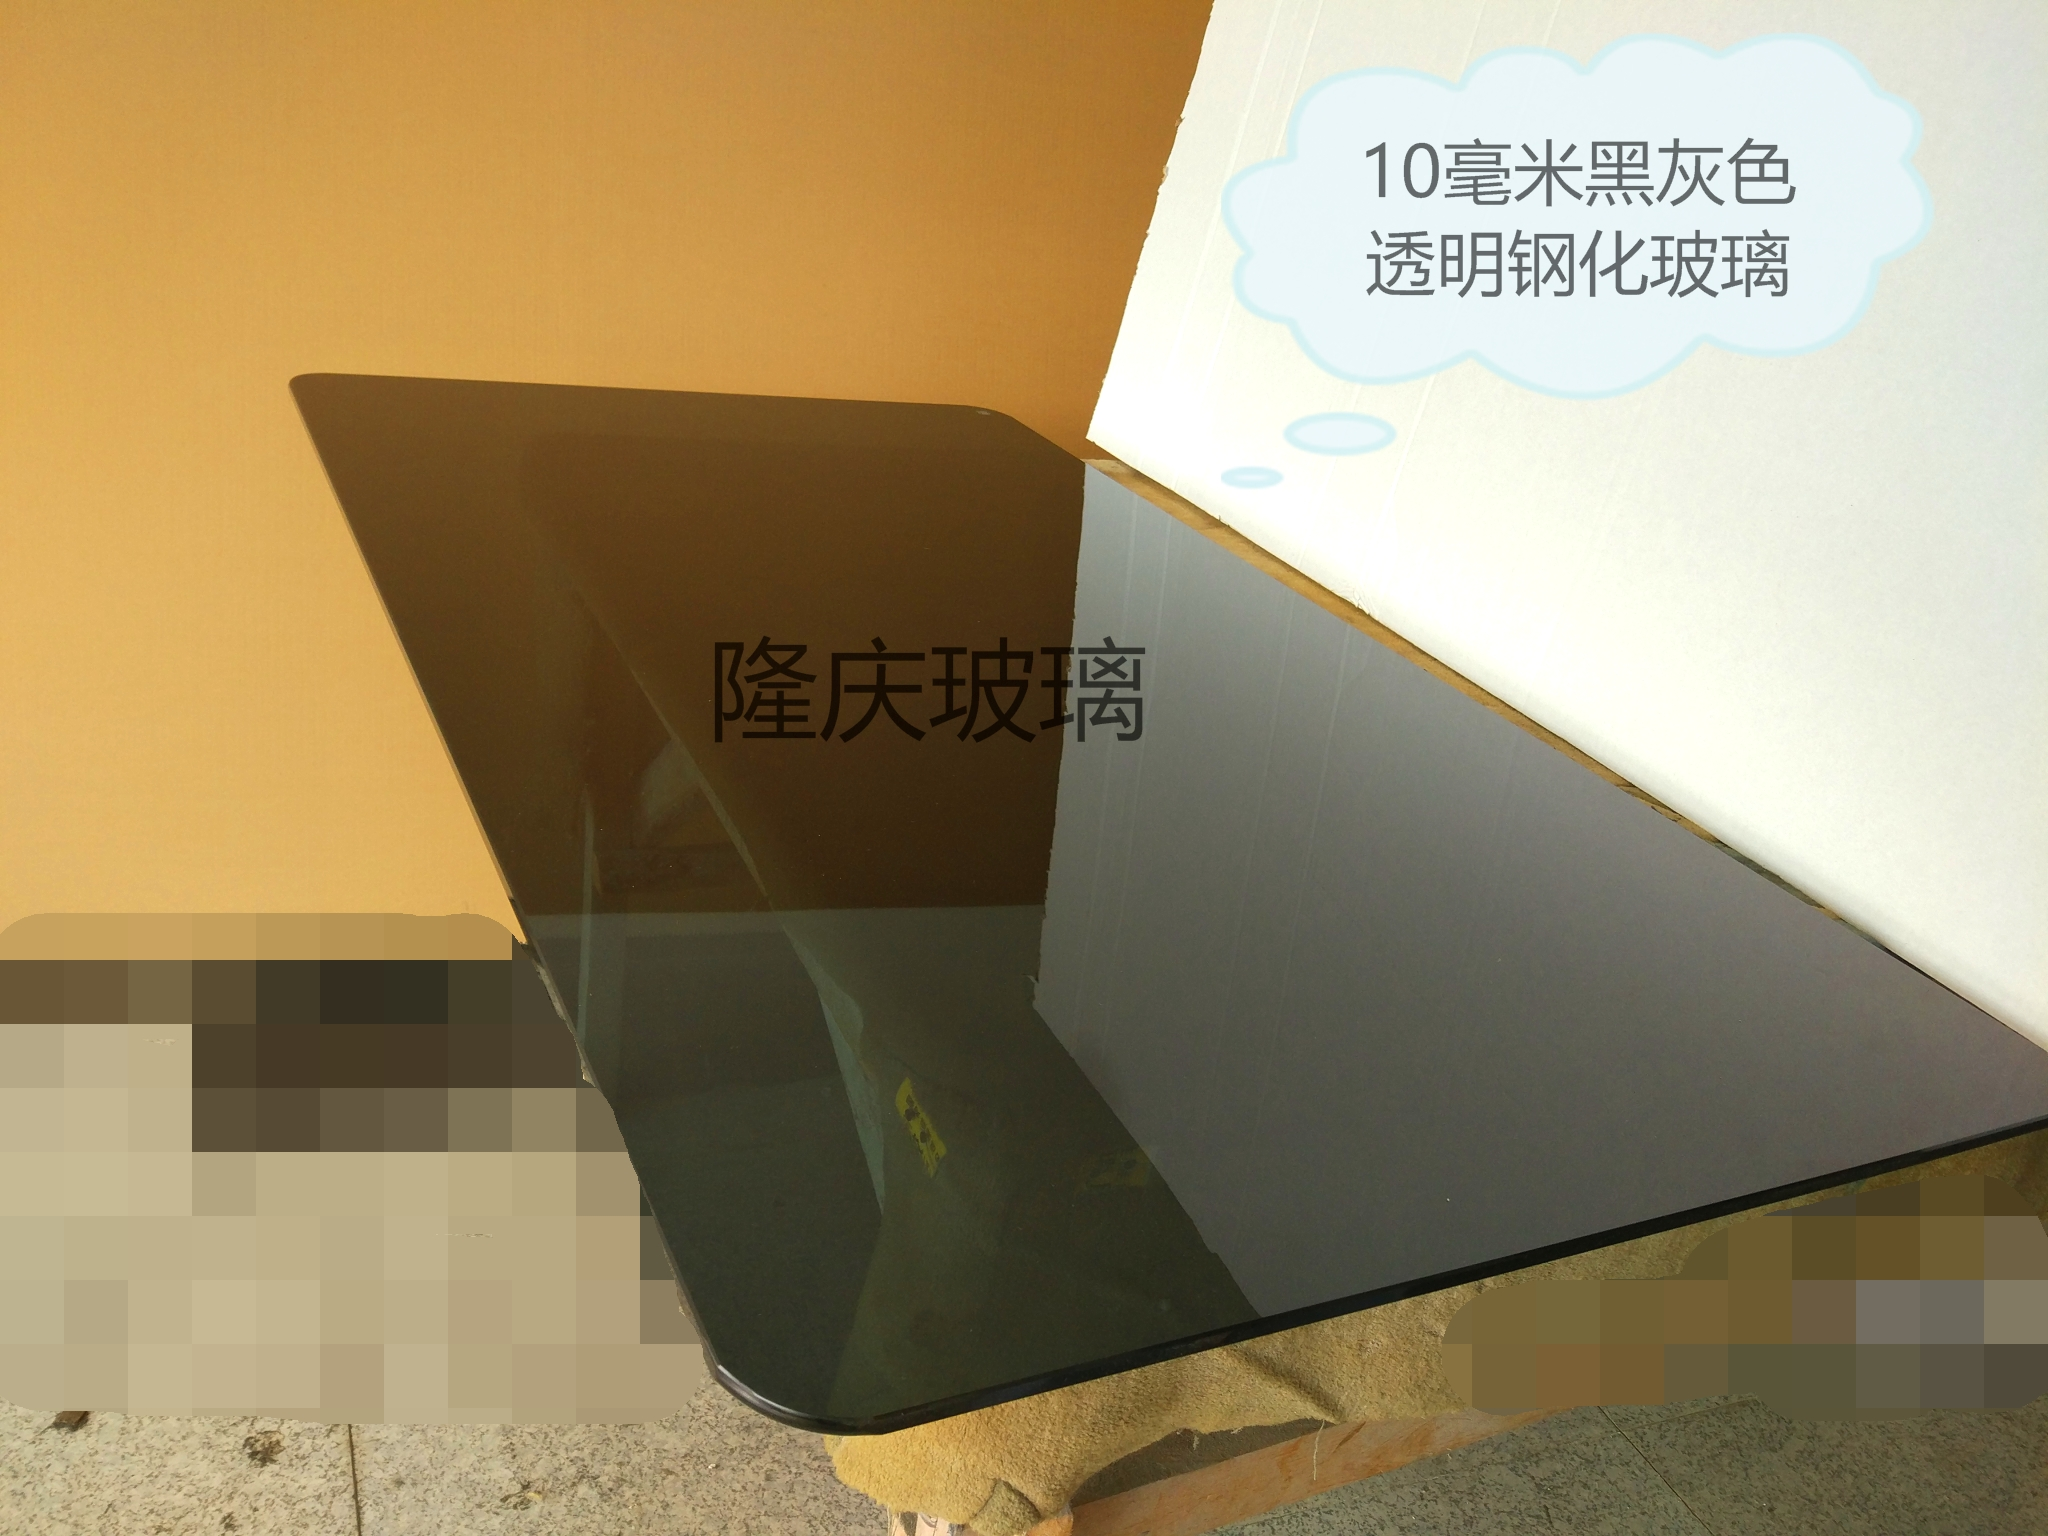 新品订制做灰色黑色蓝色绿色透明钢化玻璃桌面隔断层板更环保美观